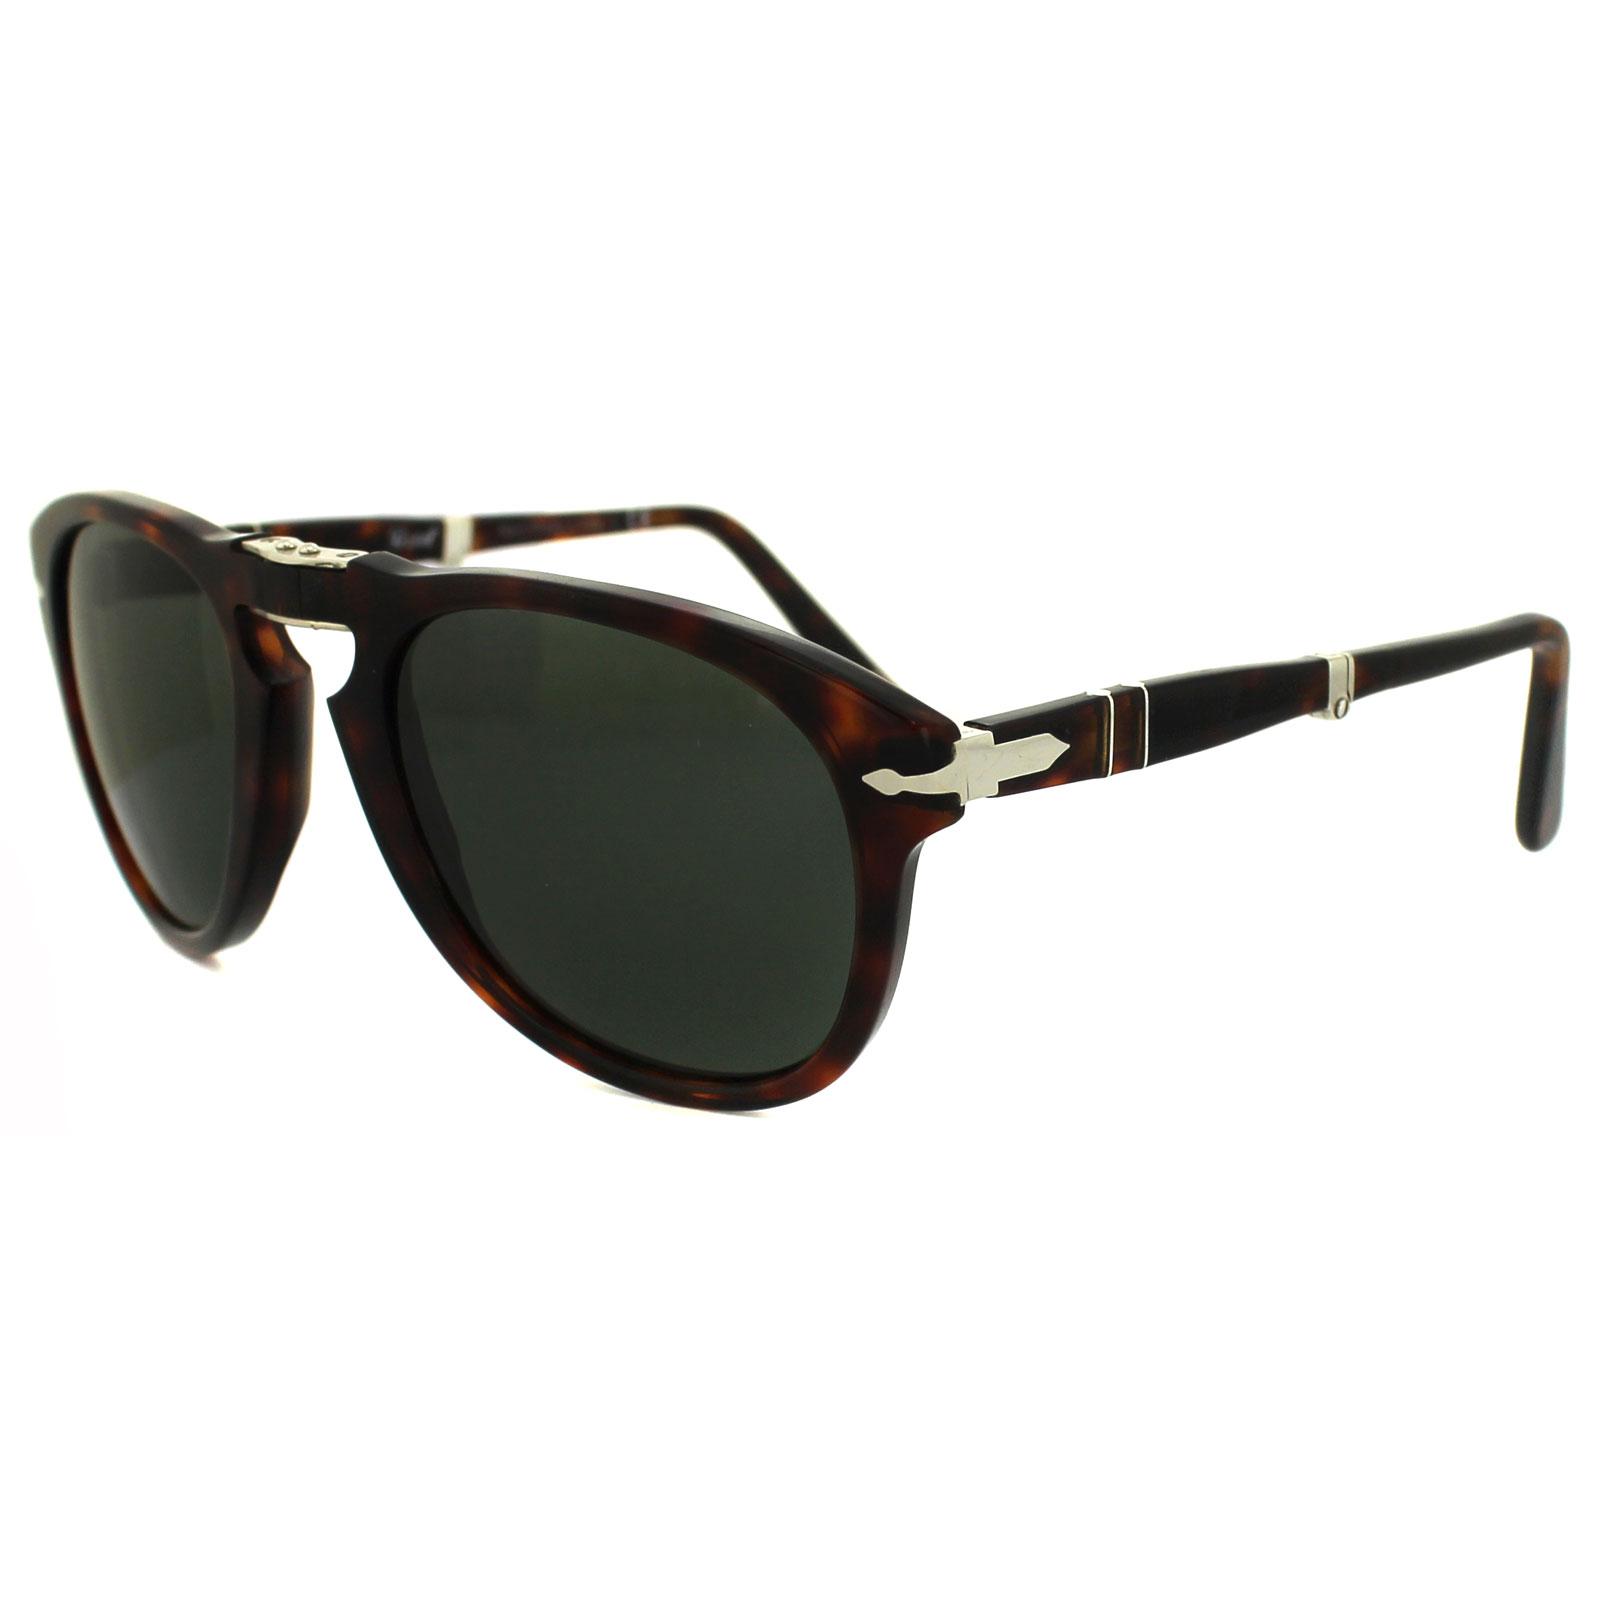 84fdda802dfa Persol Sunglasses Sale Ebay